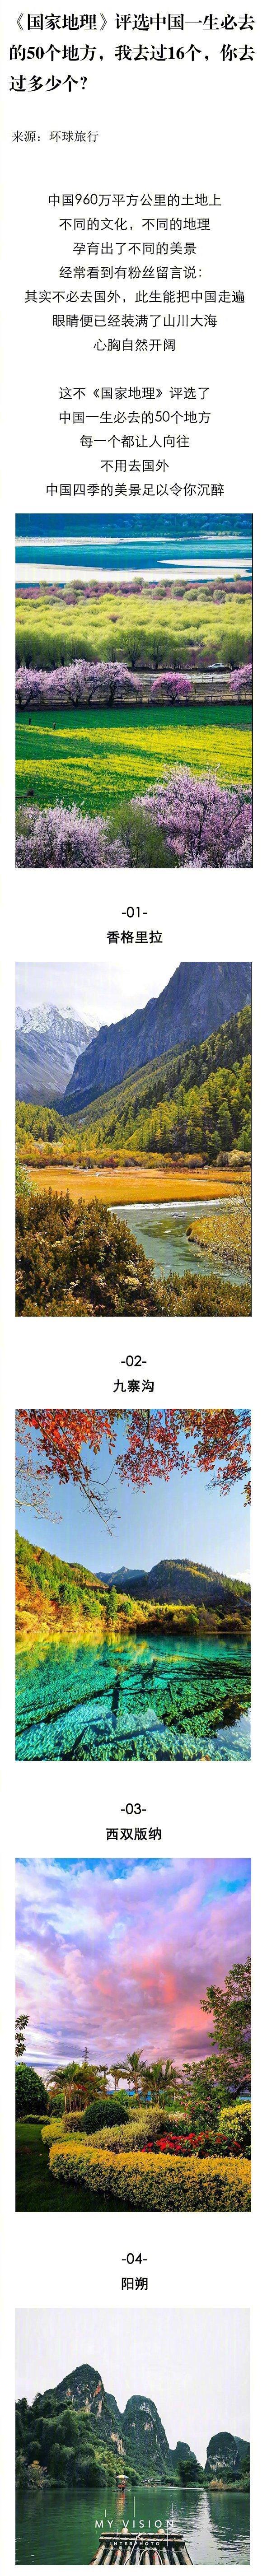 《国家地理》评选中国一生必去的50个地方,你去过多少个